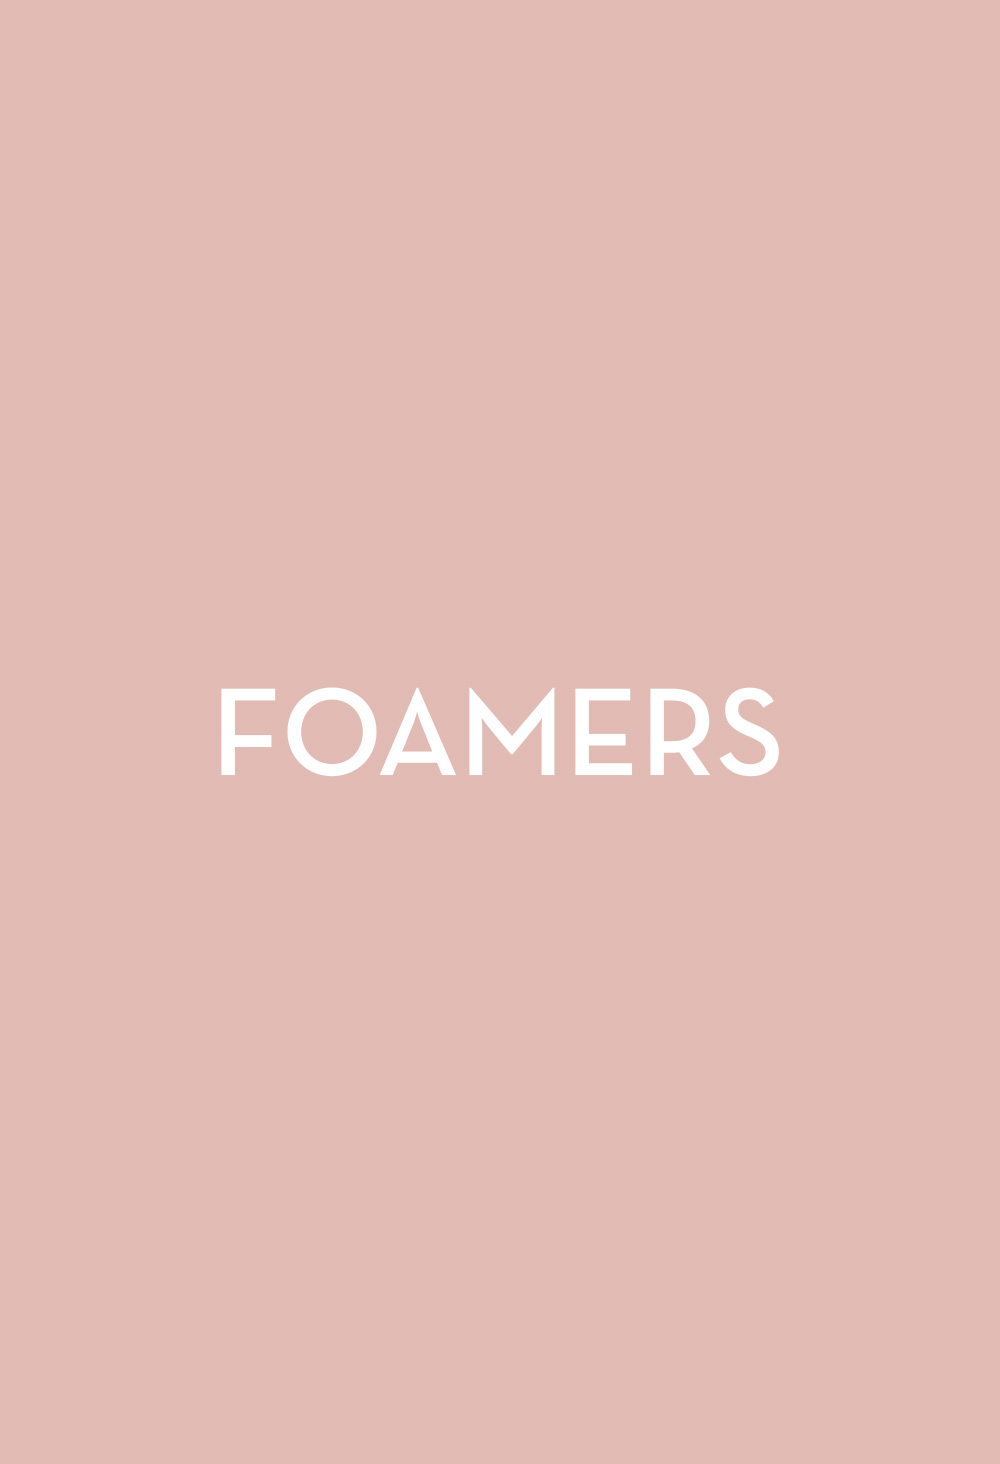 Foamers - Fasten